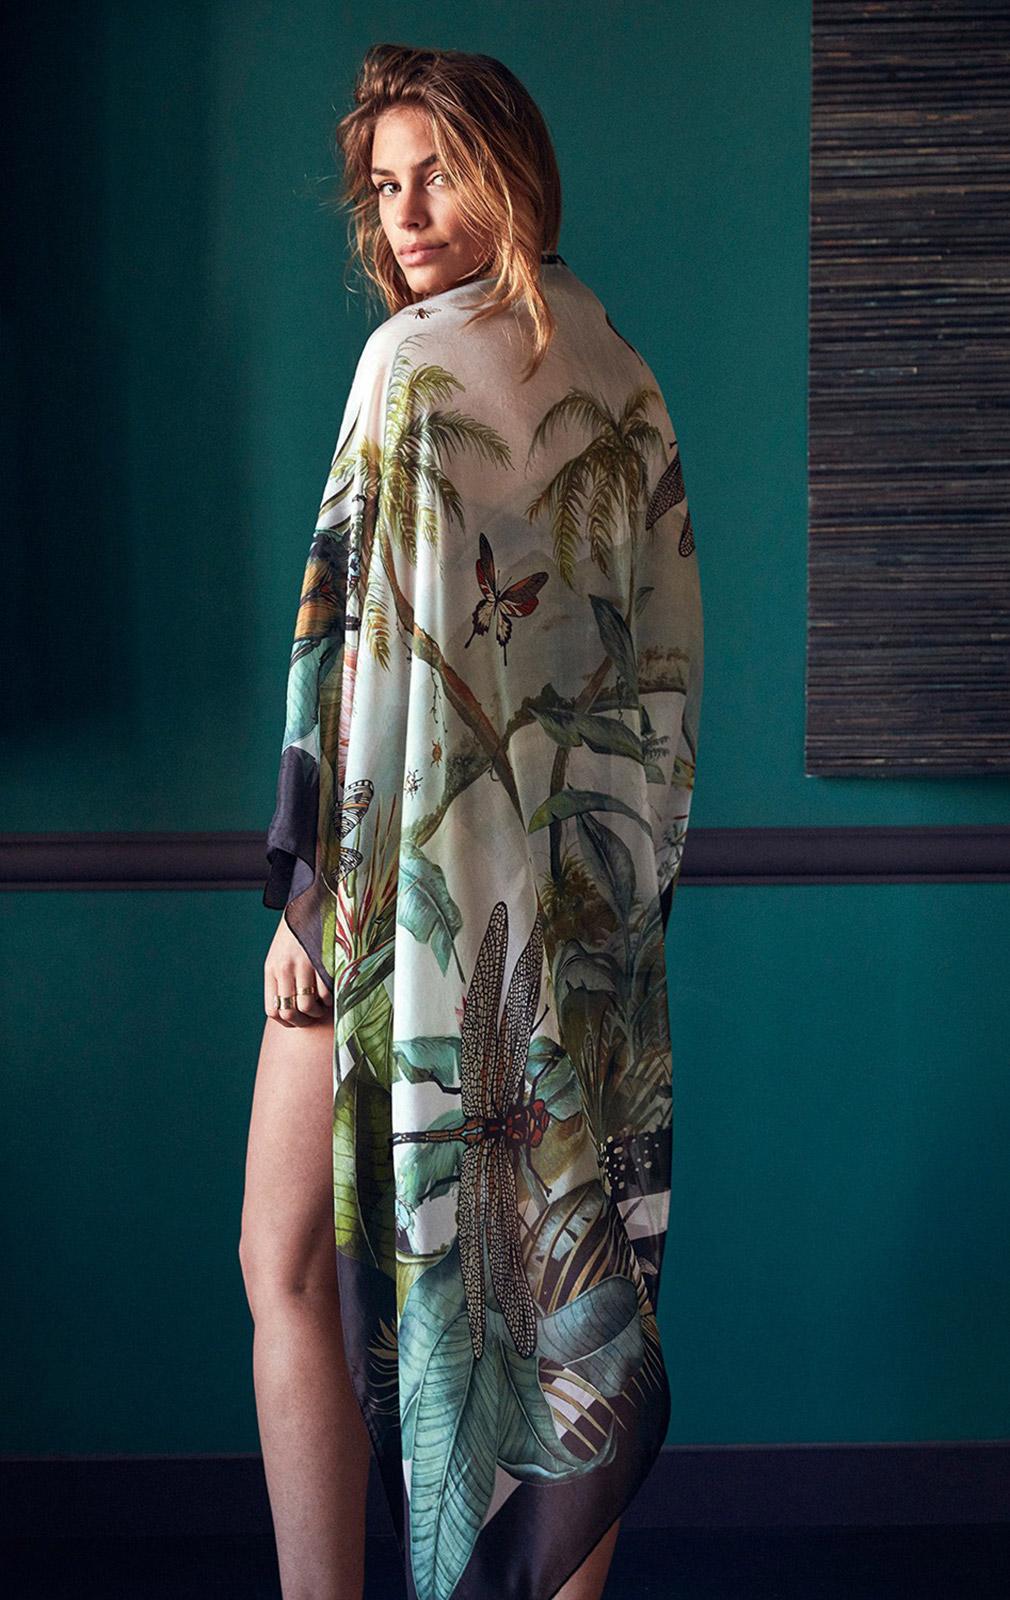 4319c937d1 ... Maillot bustier noir et plumetis, foulard 100% soie - MACHA BLACK ...